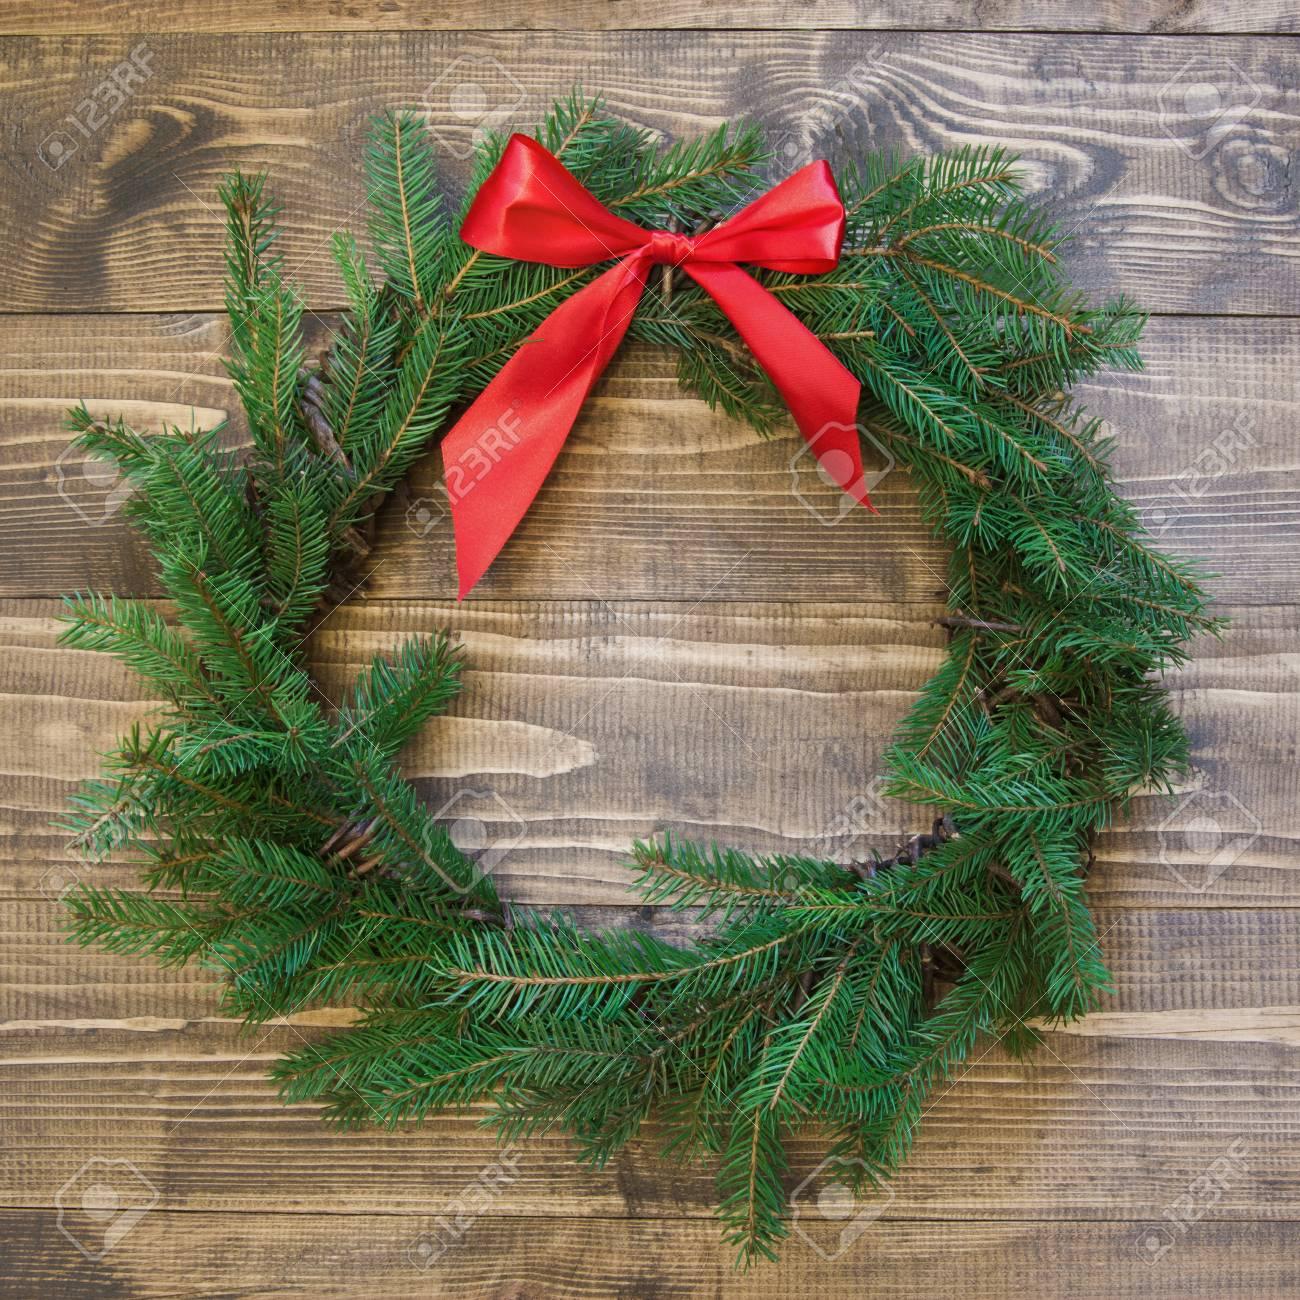 christmas wreath with fir